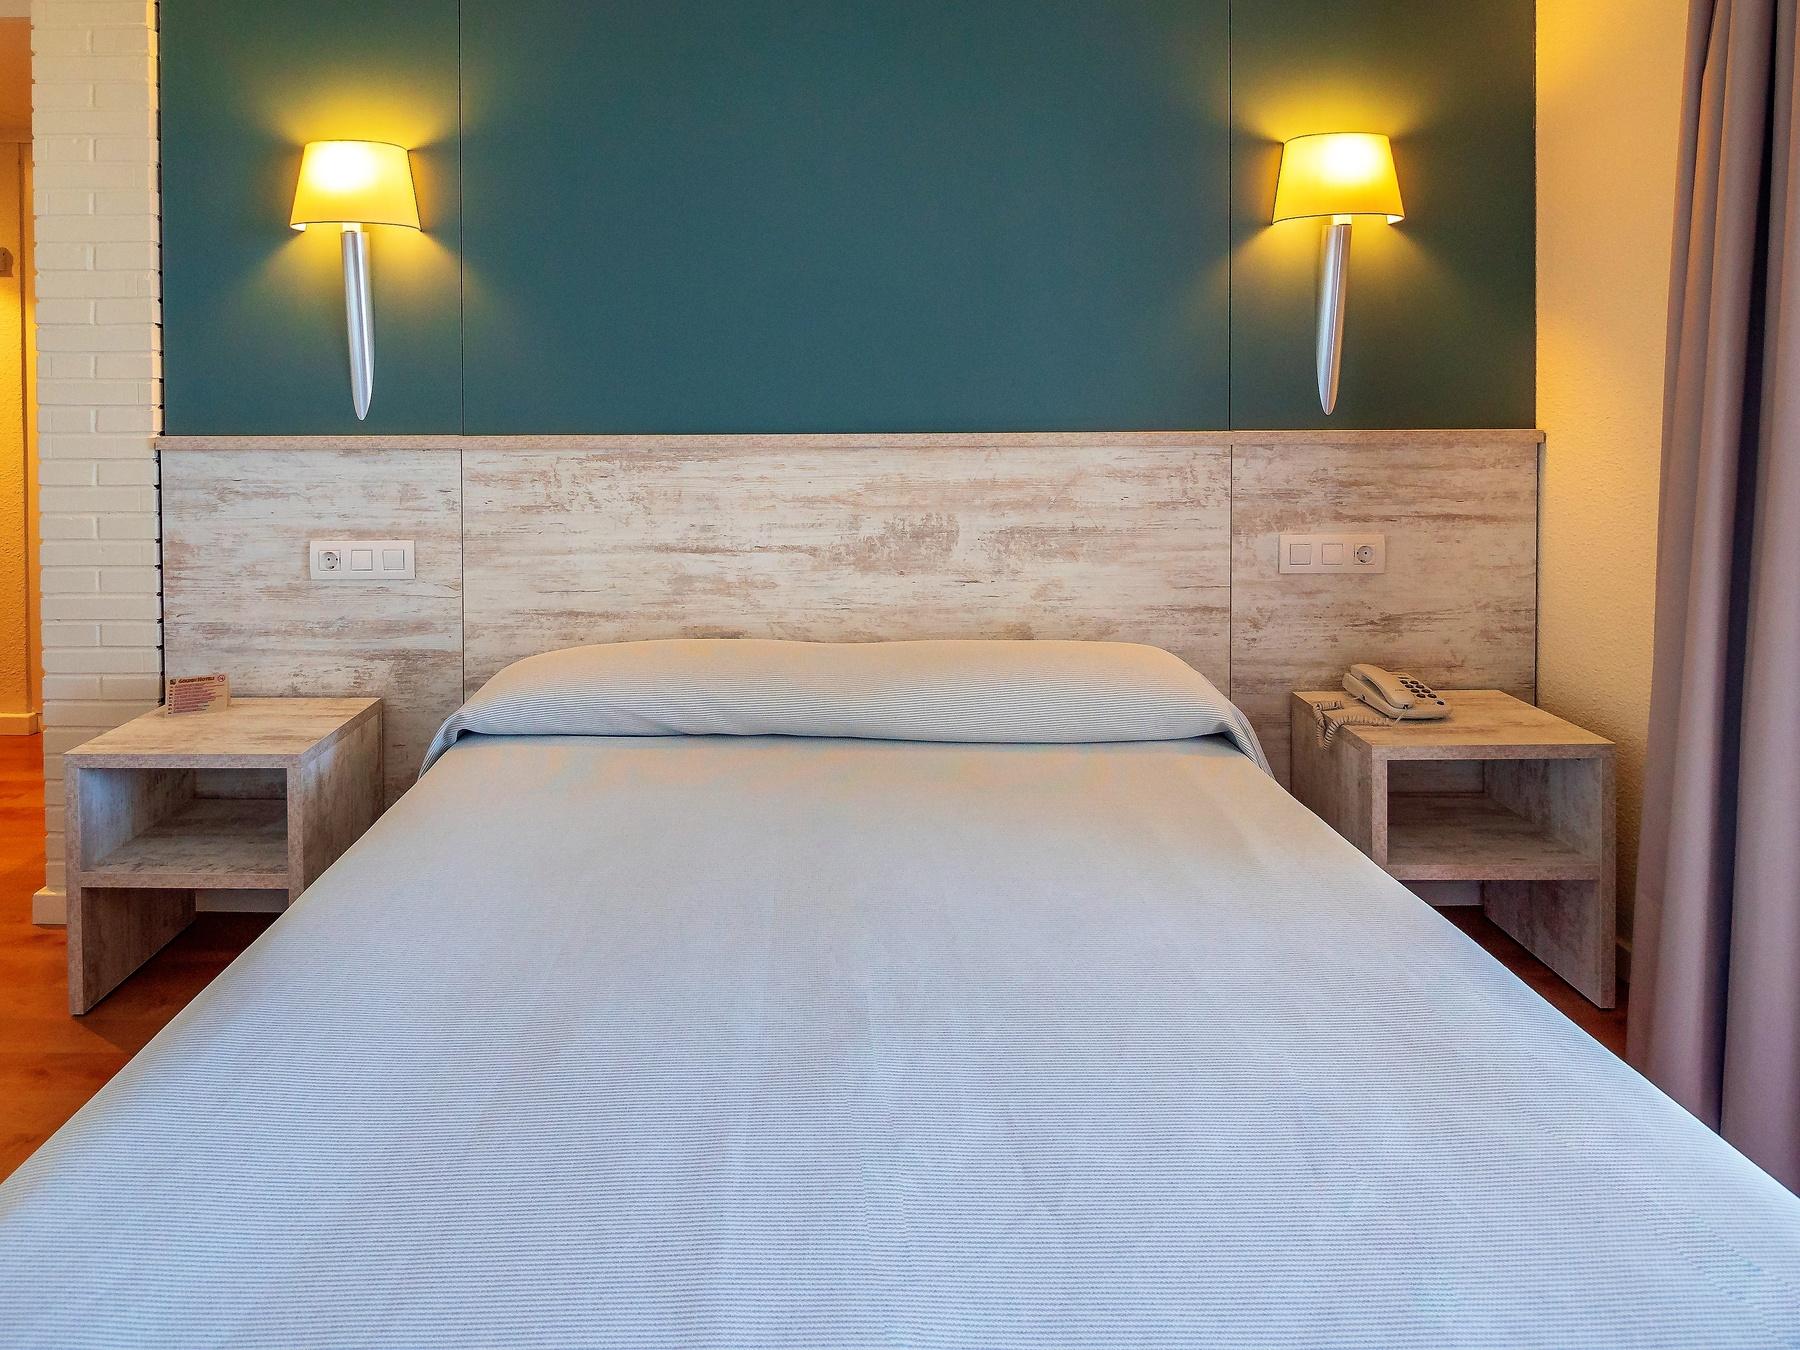 habitaciones hotel familiar playa Salou